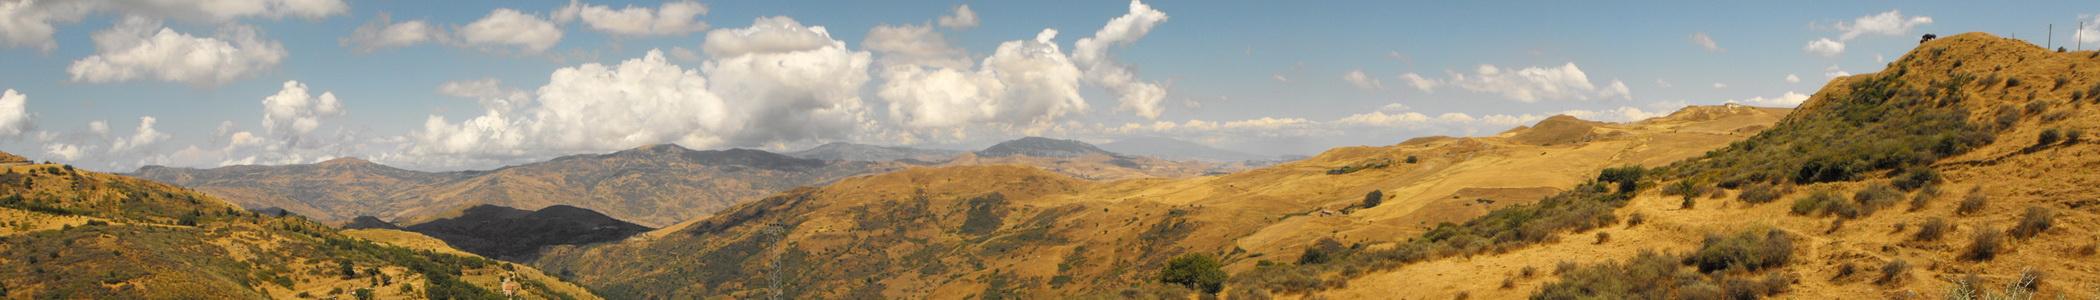 Sicily_banner_landscape